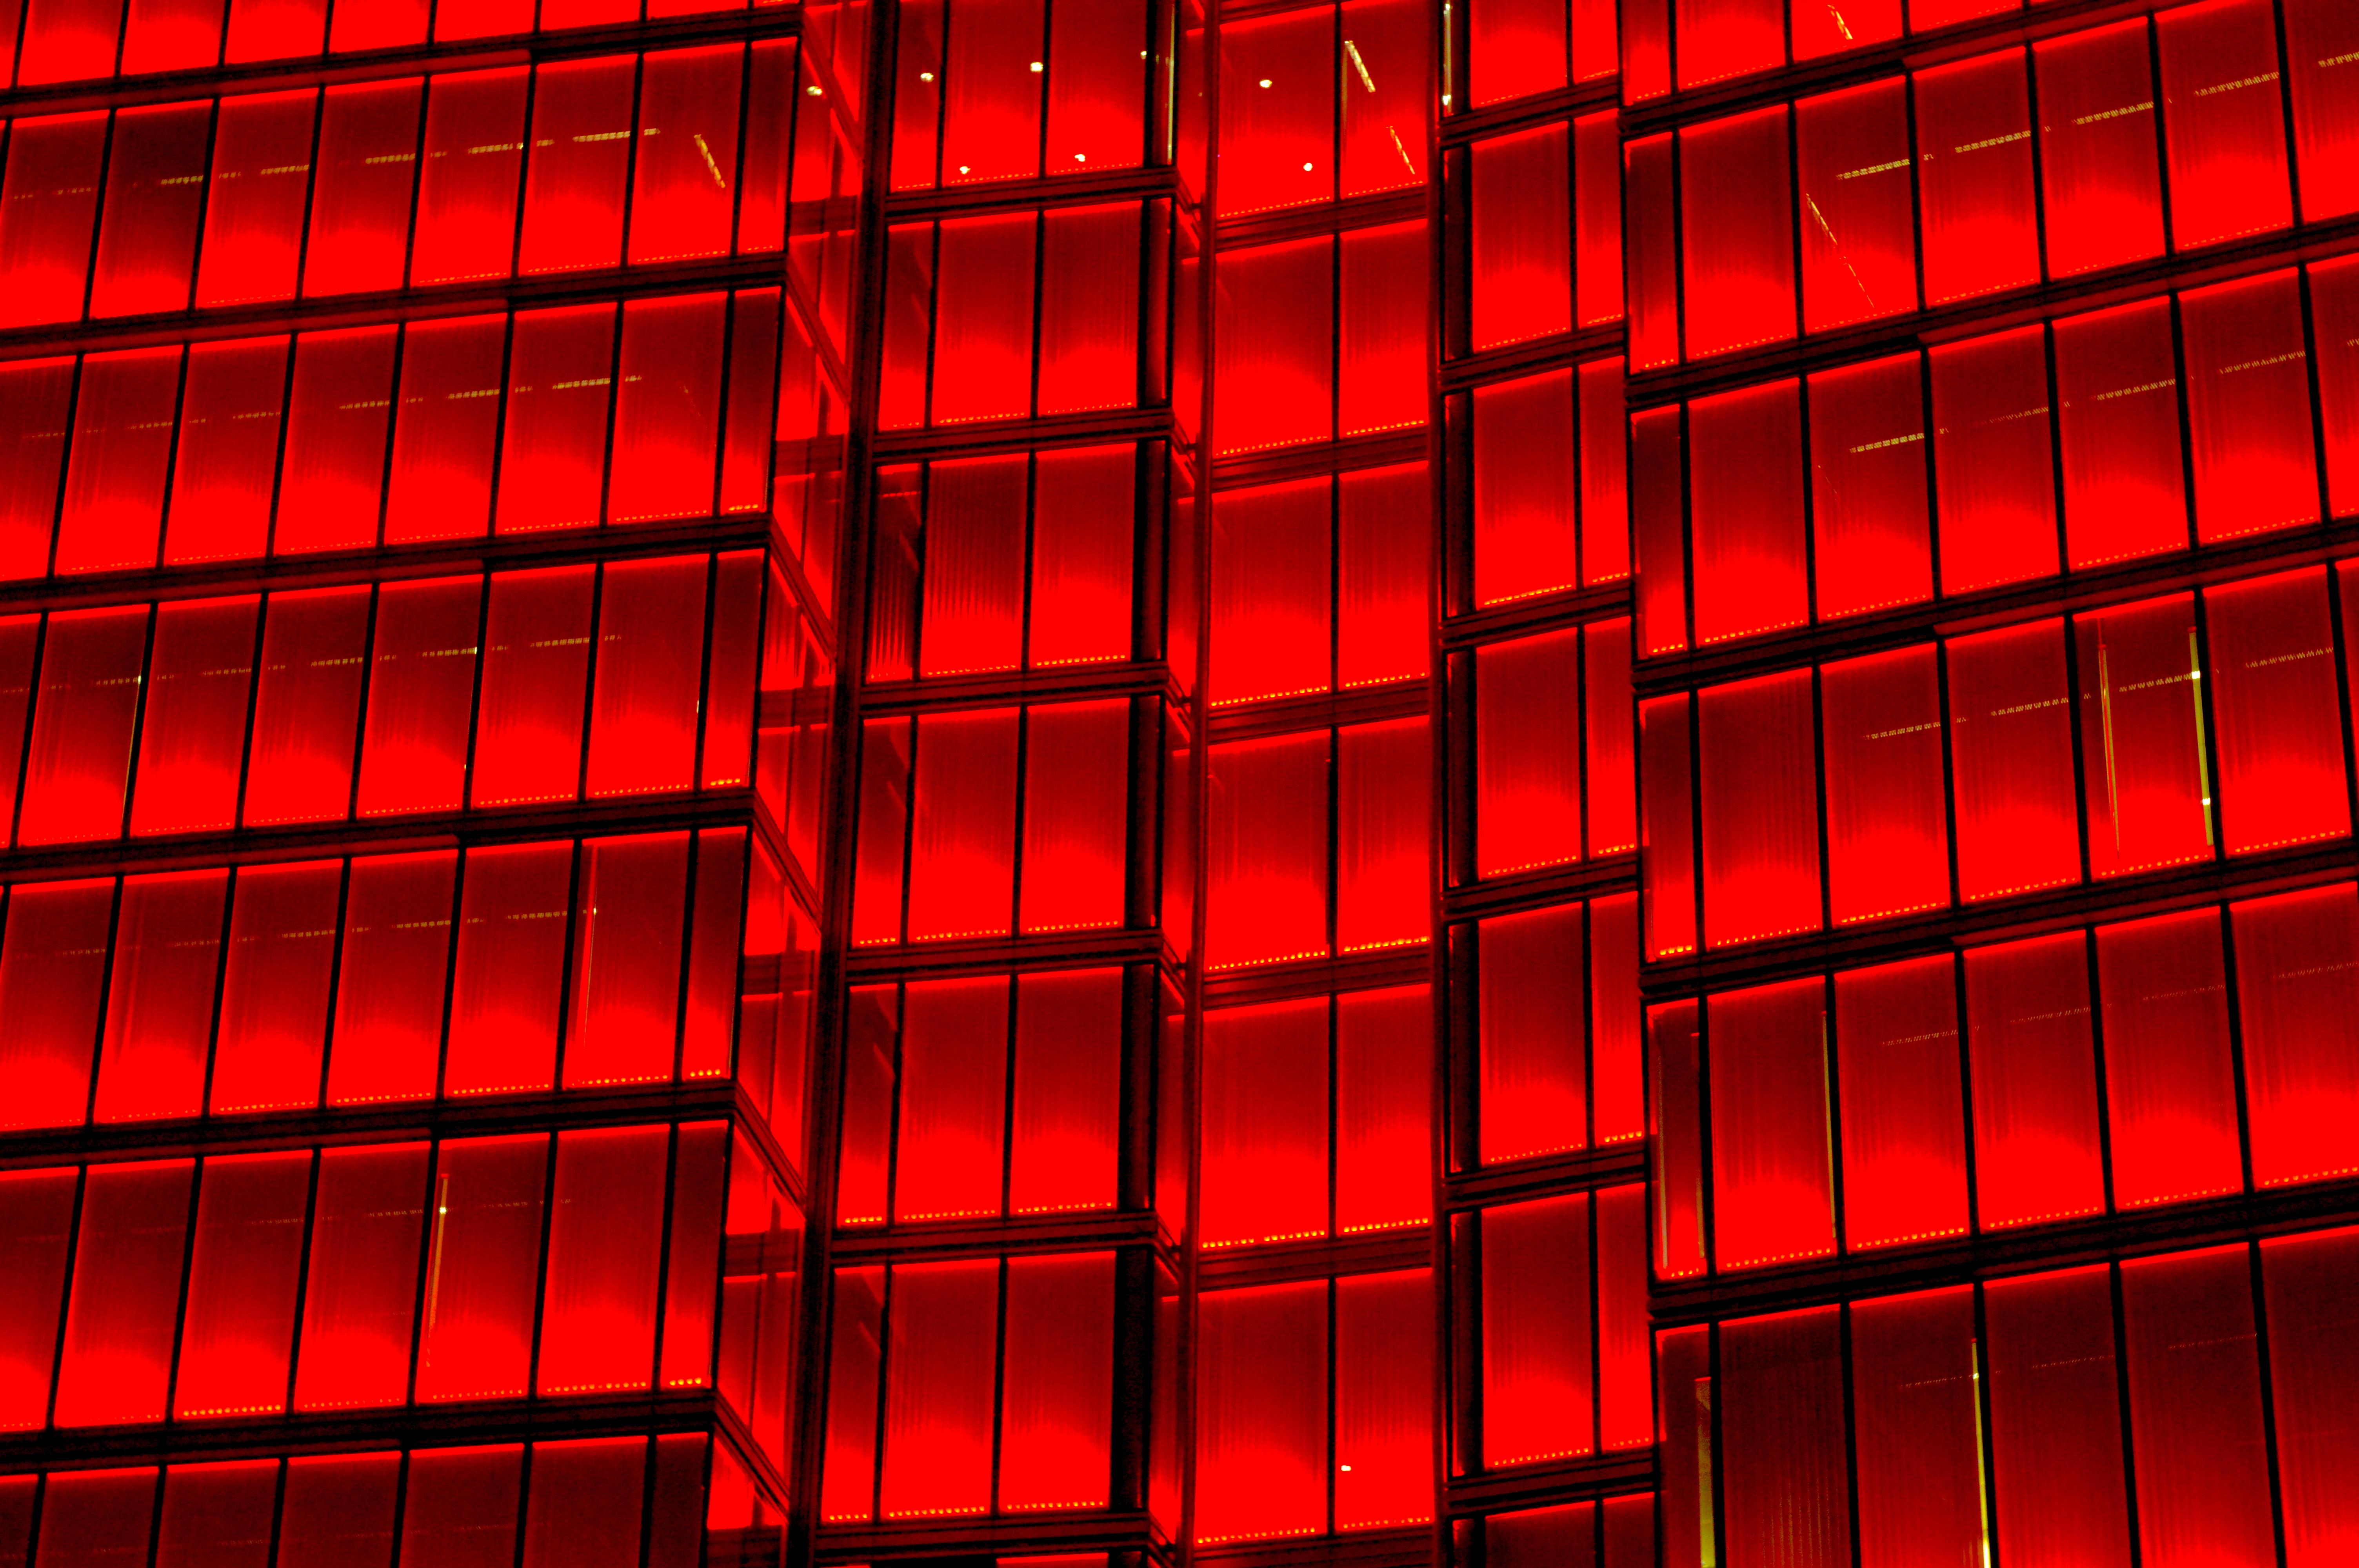 Wallpaper Building Red Symmetry Skyscraper Pattern Geometry